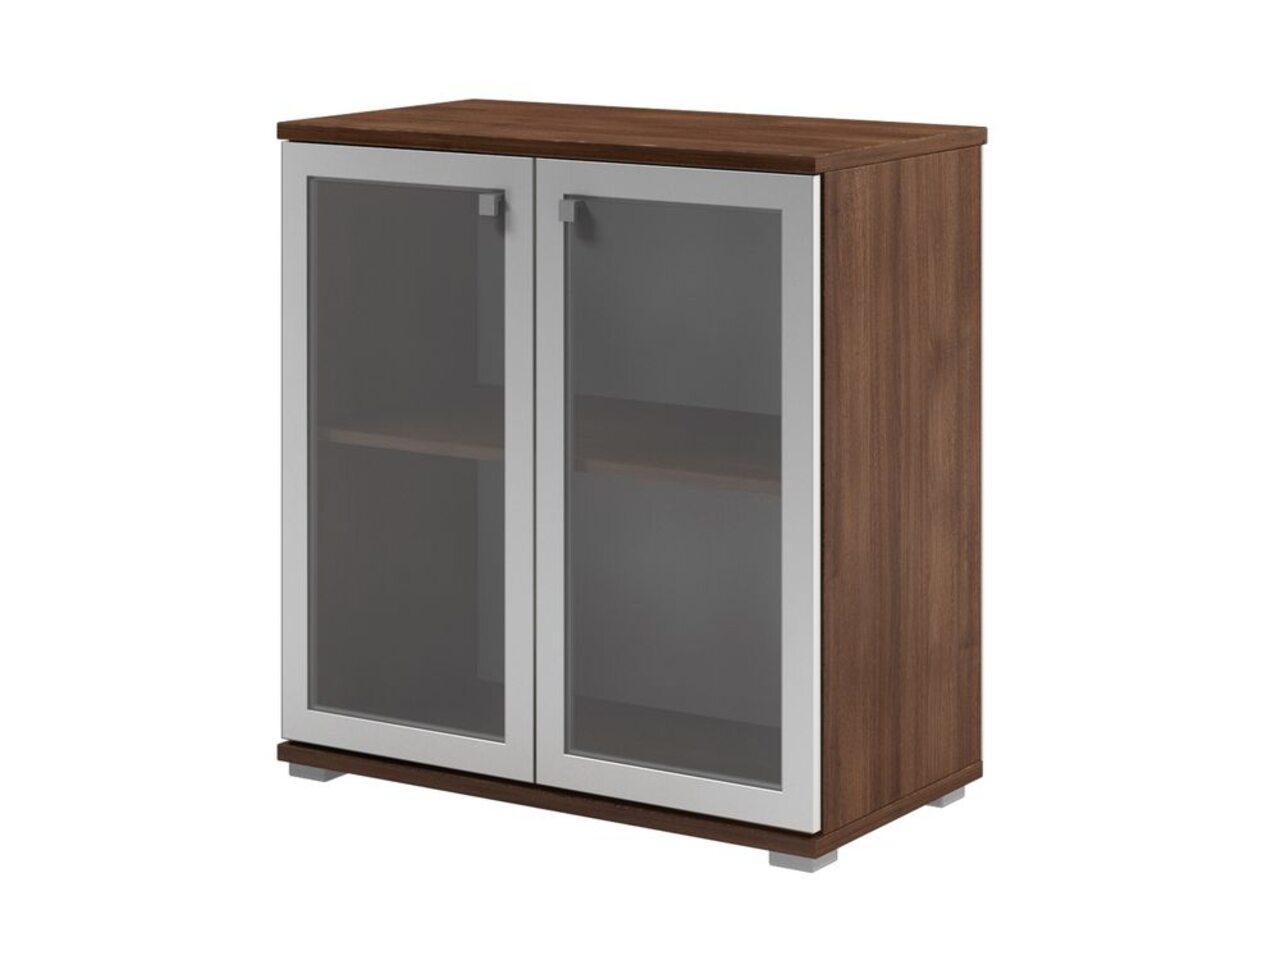 Шкаф с матовым белым стеклом  Space 80x43x84 - фото 1